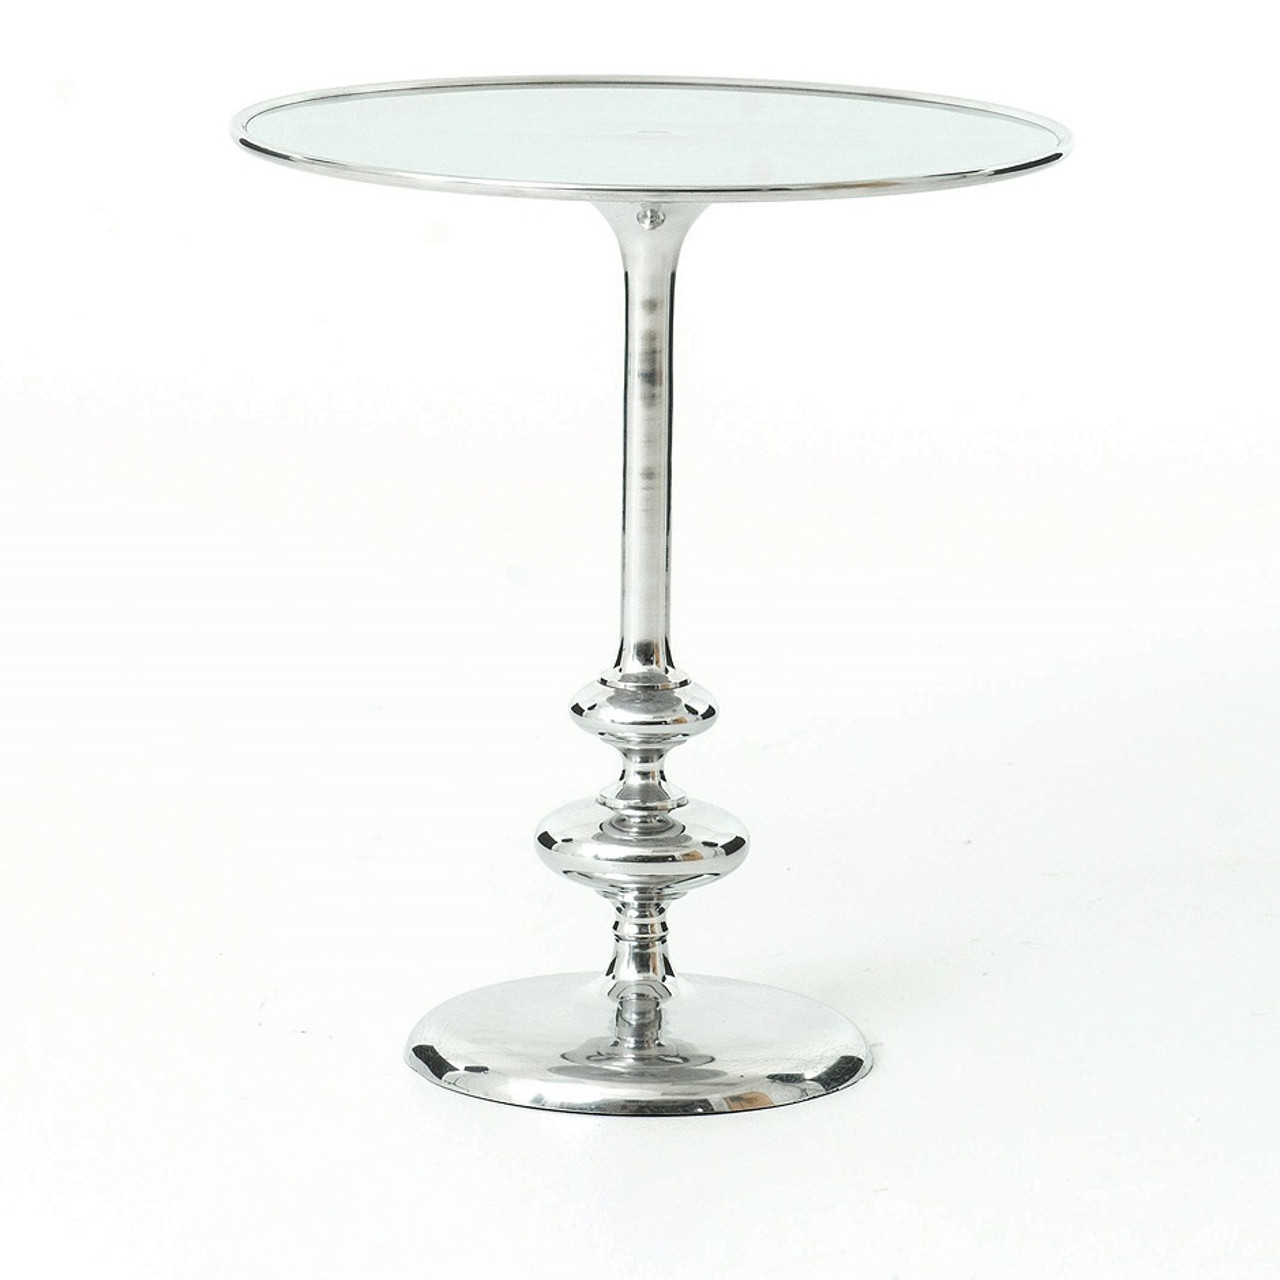 Marlow Aluminum Matchstick Pedestal Side Table